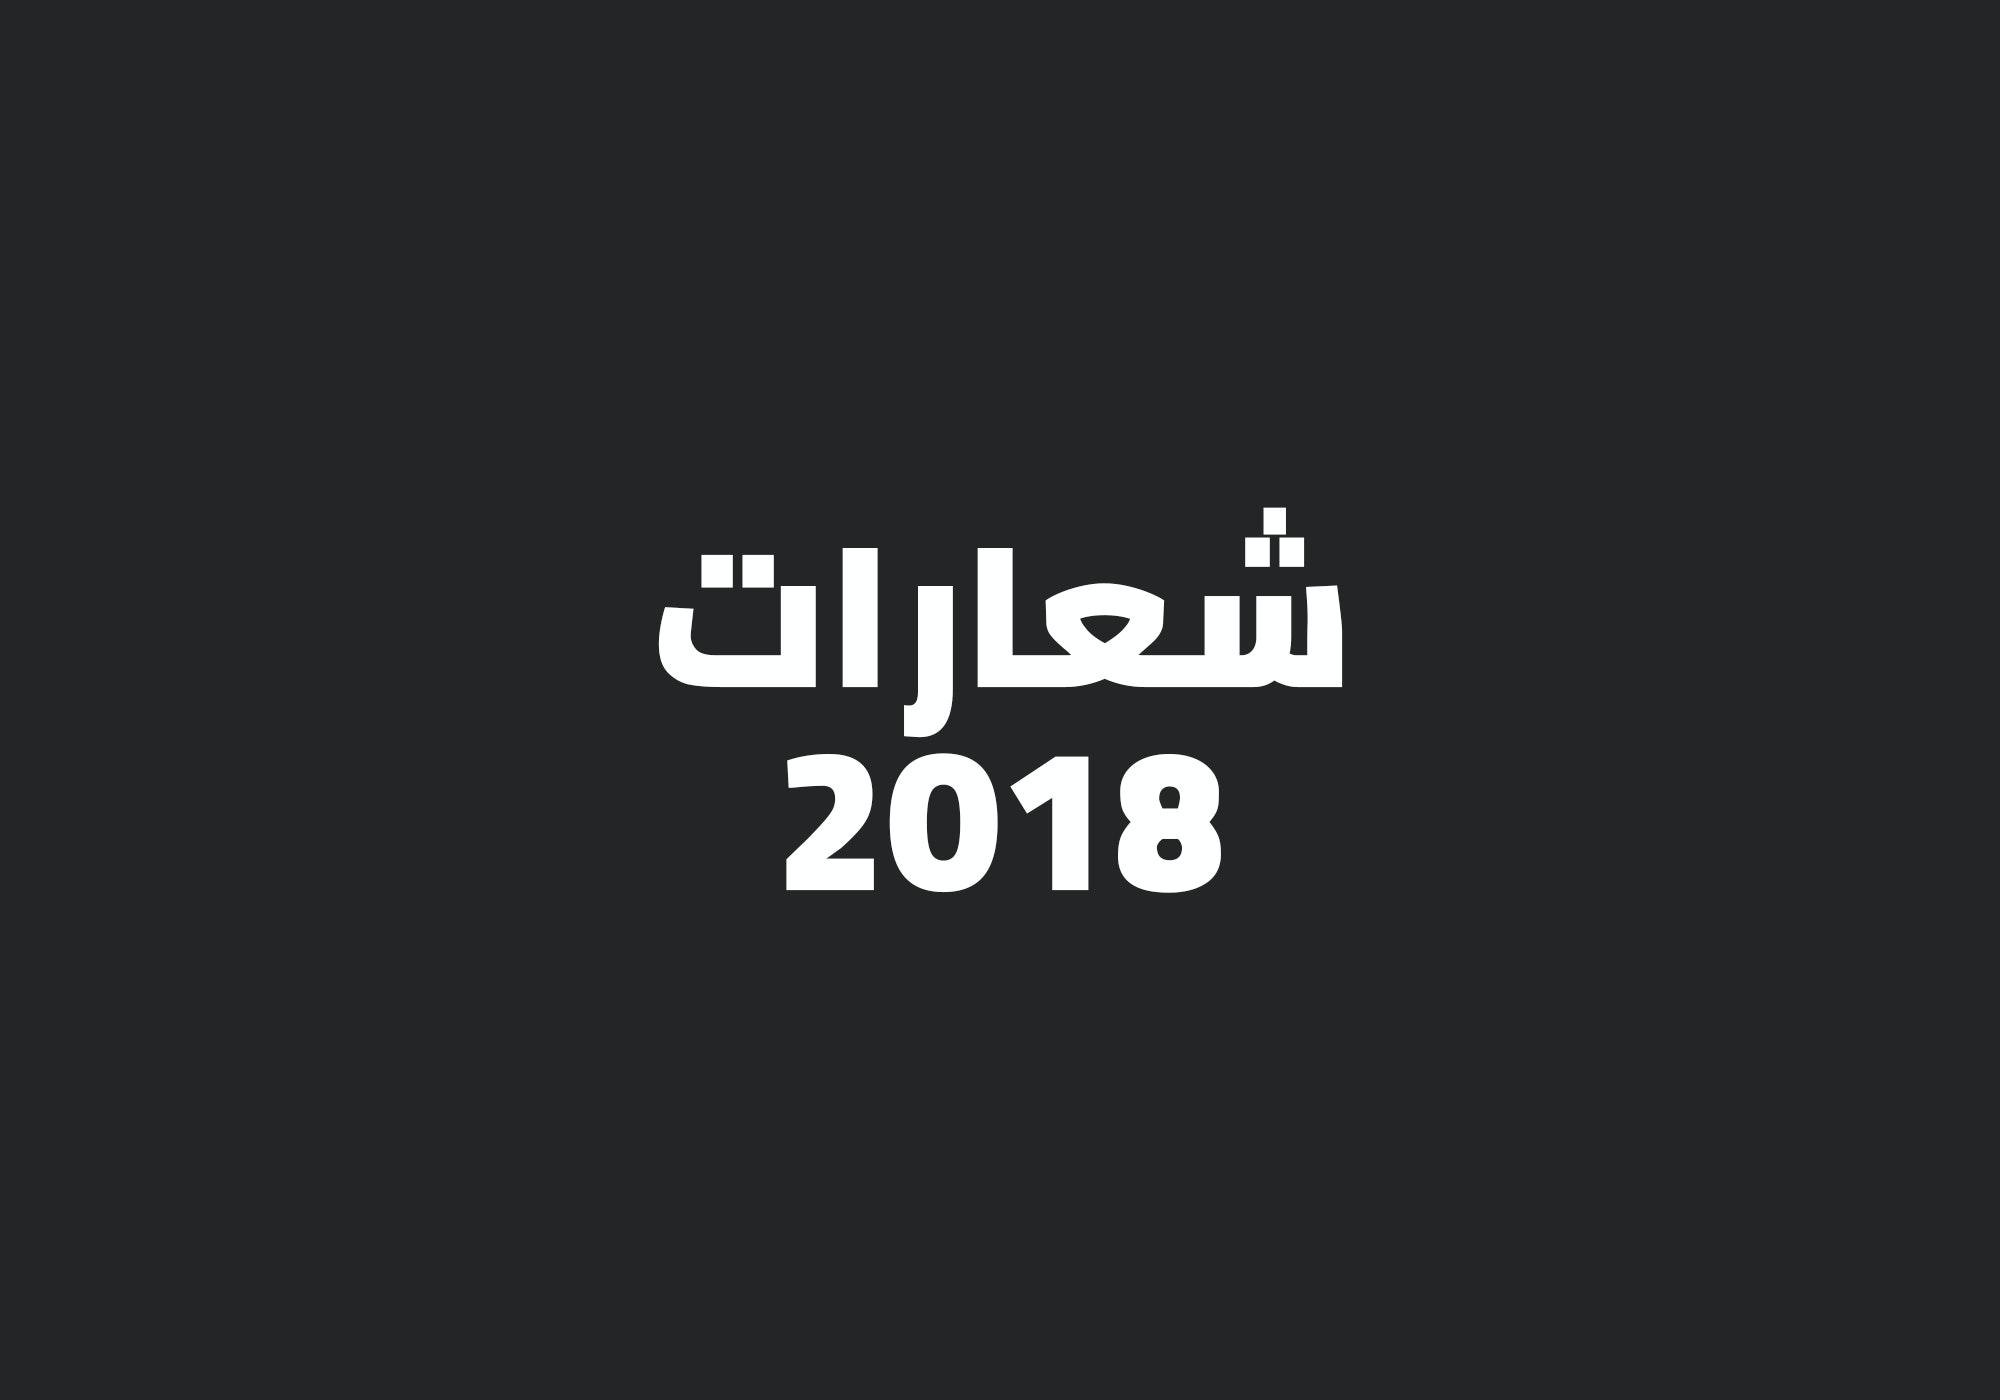 شعارات 2018 logos